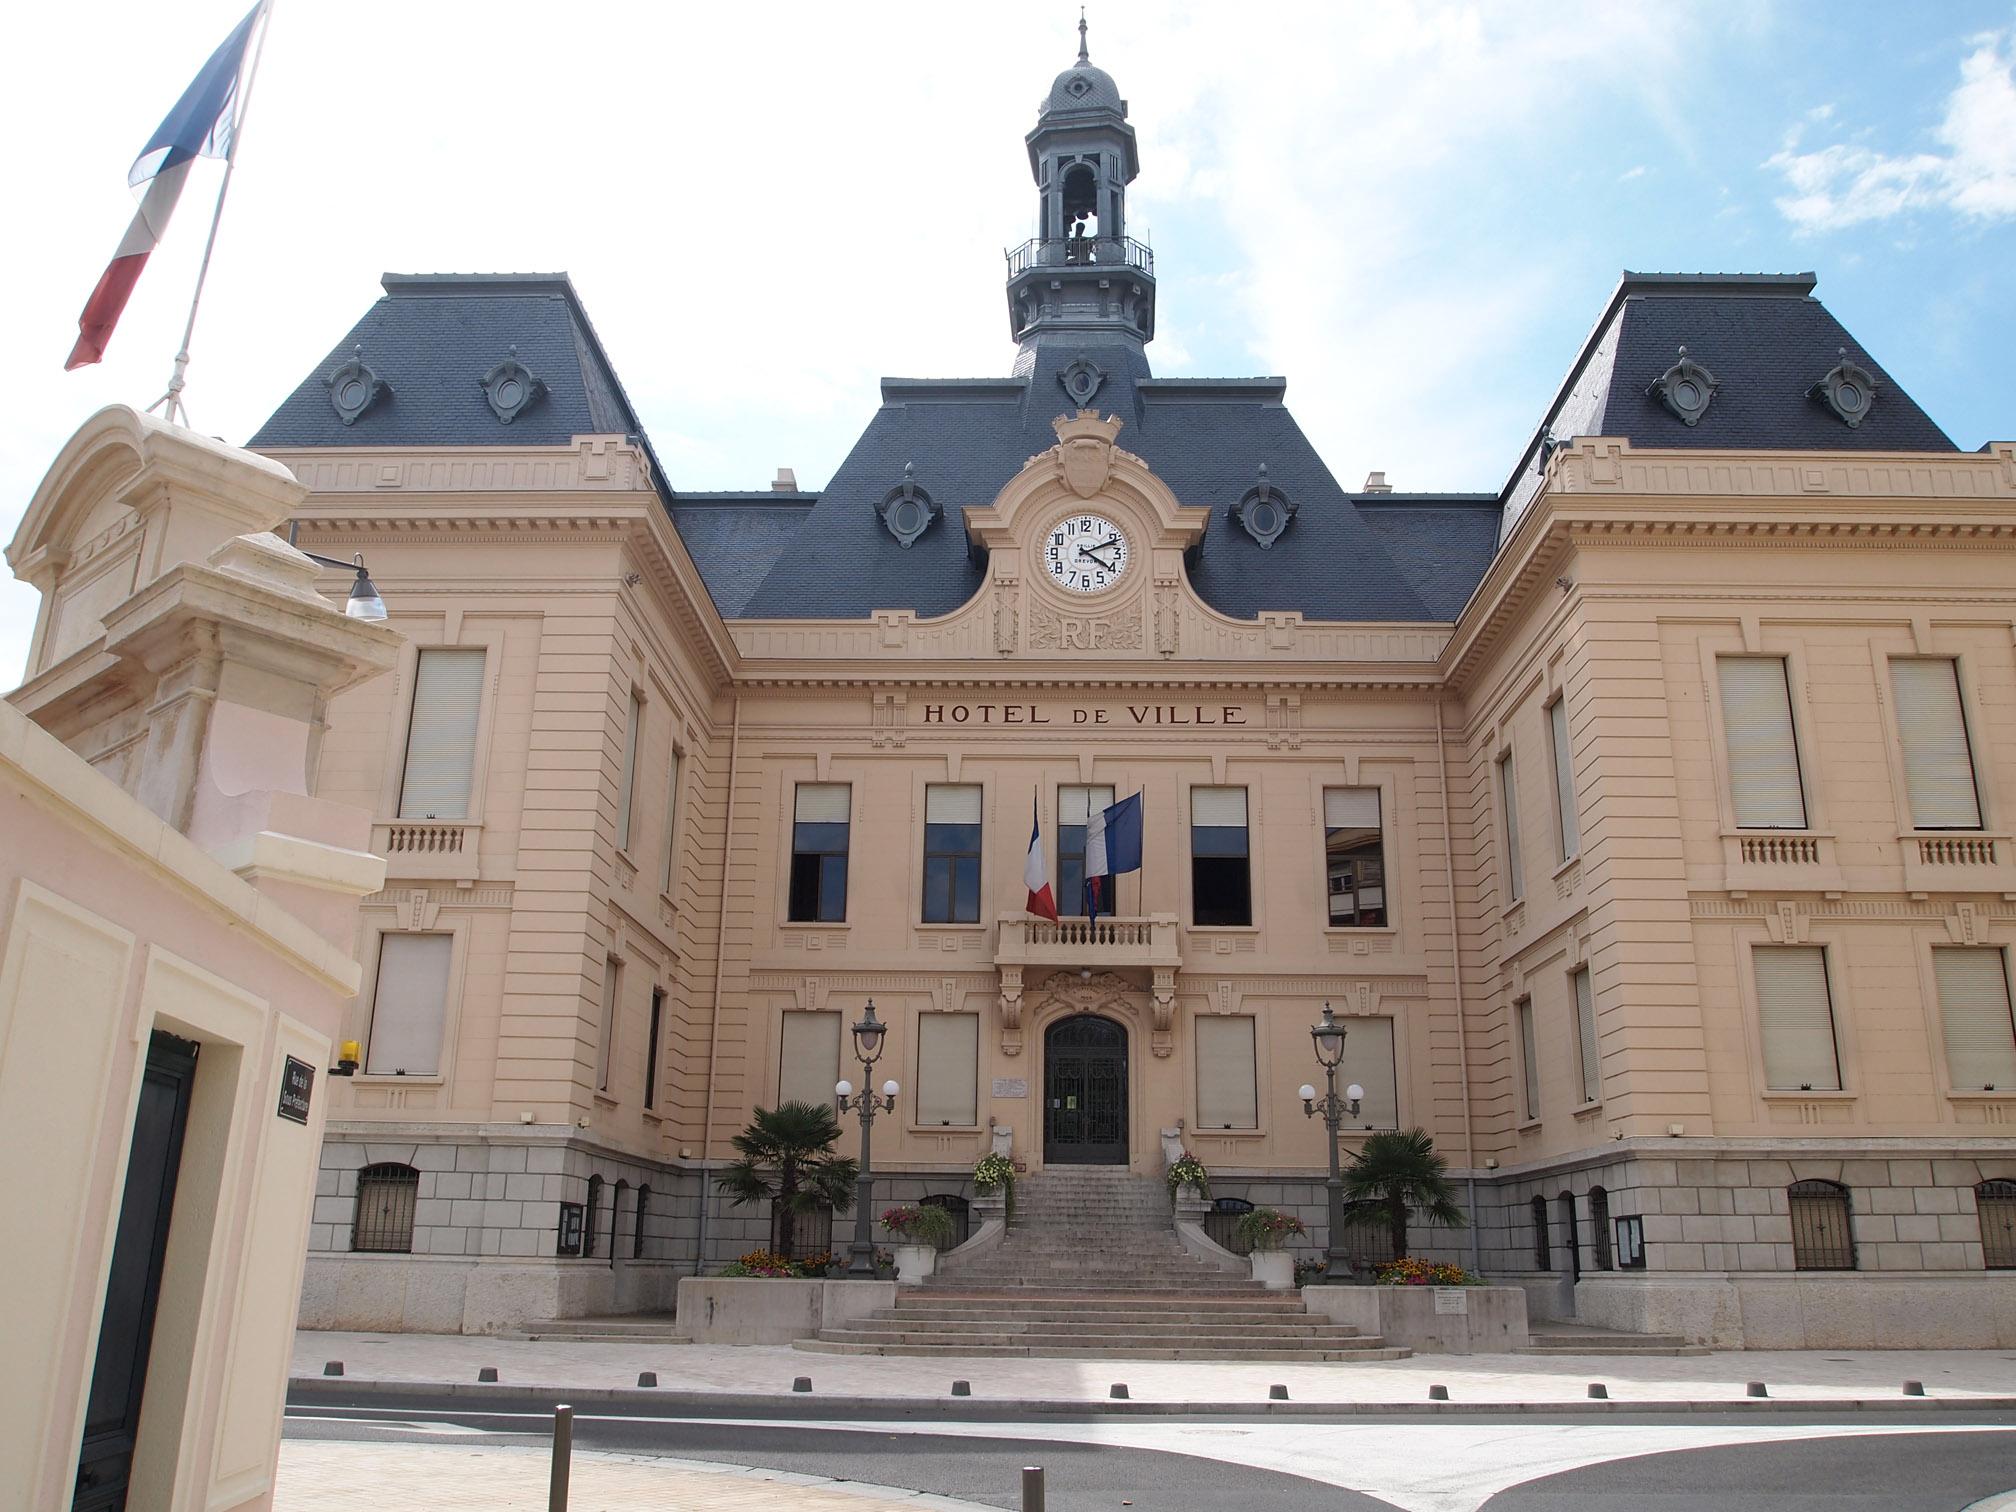 Immobilier villefranche sur saone 69400 annonces for Piscine nautile villefranche